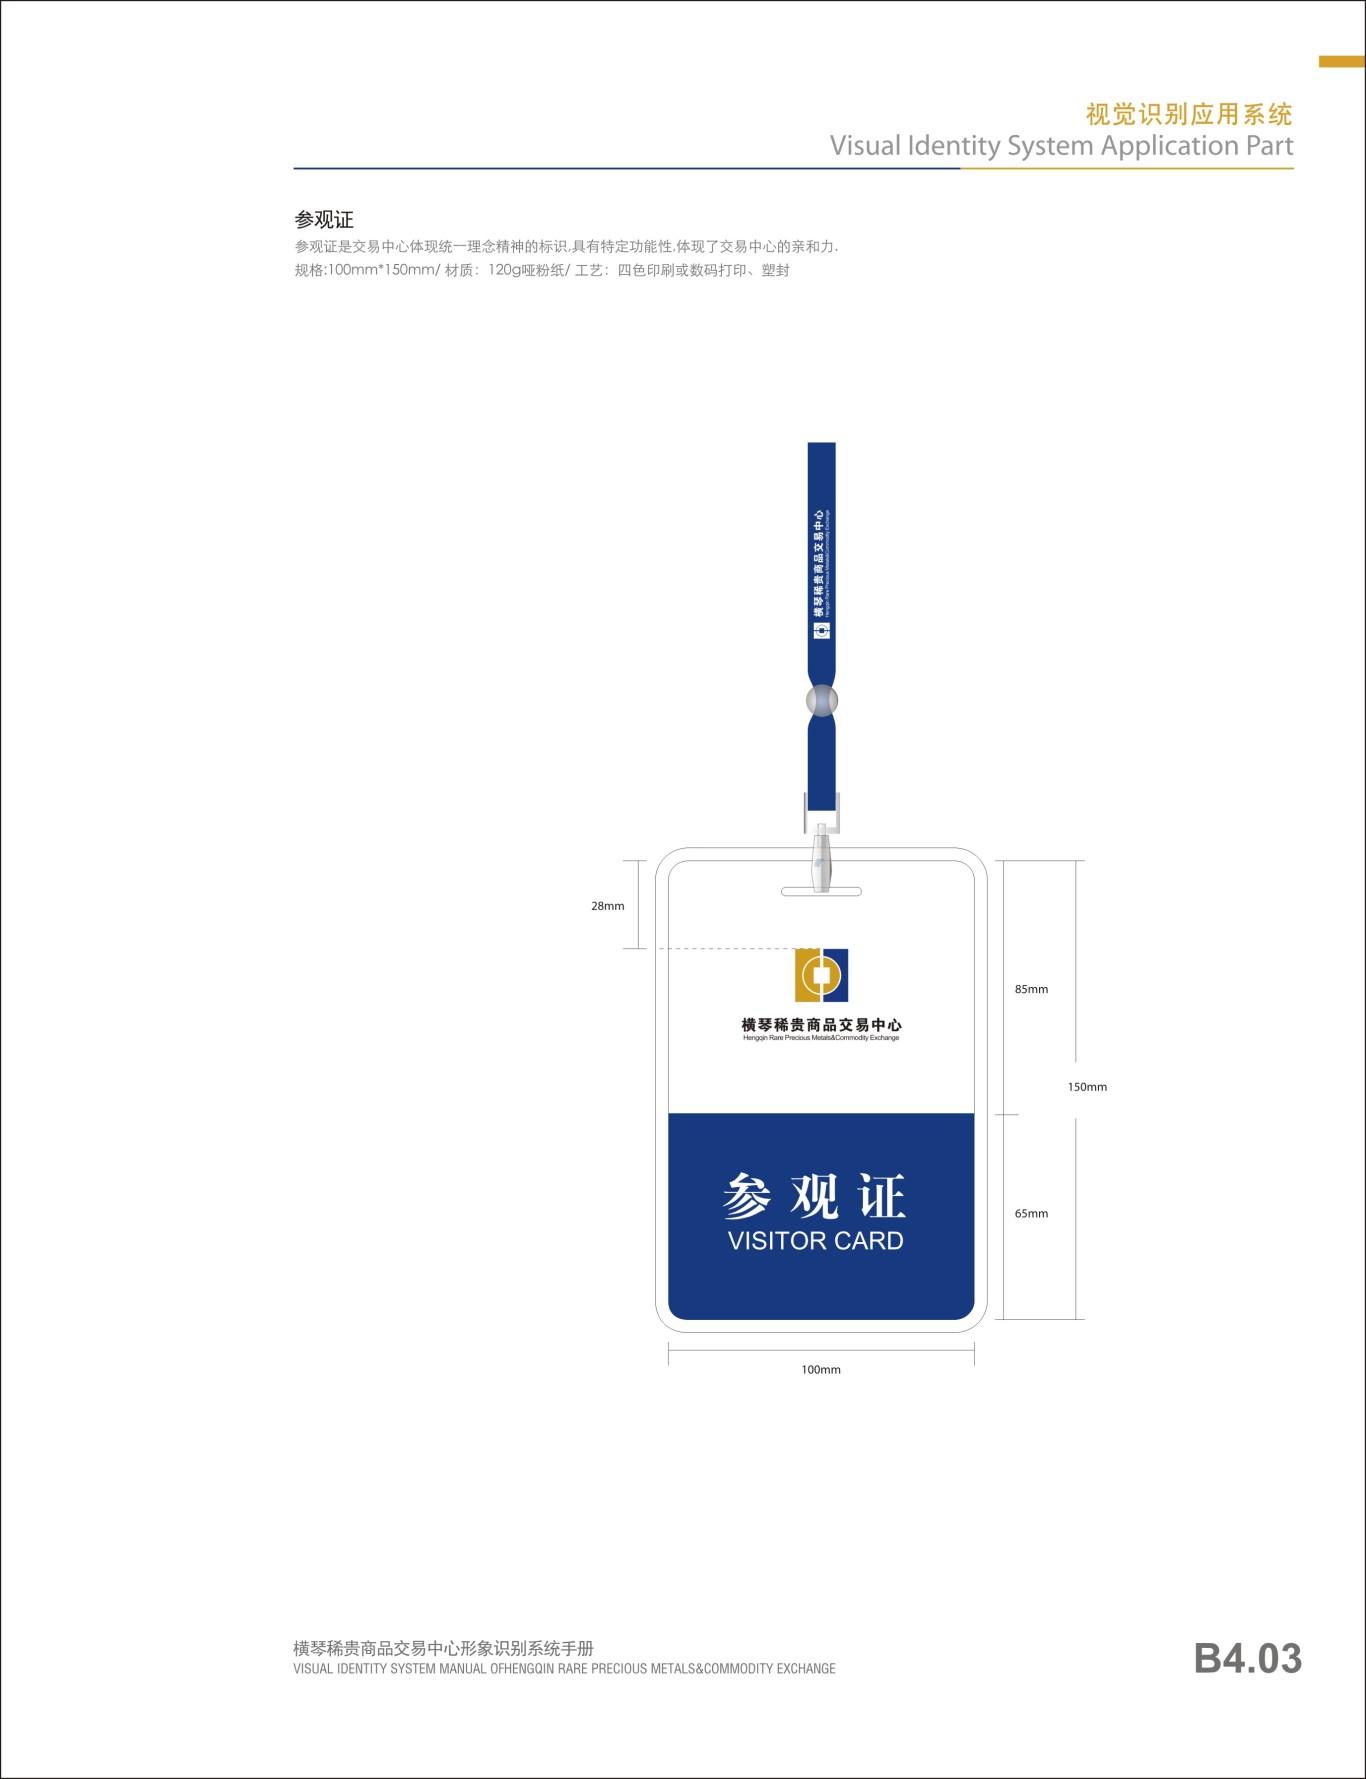 贵金属行业横琴稀贵VI手册设计图36